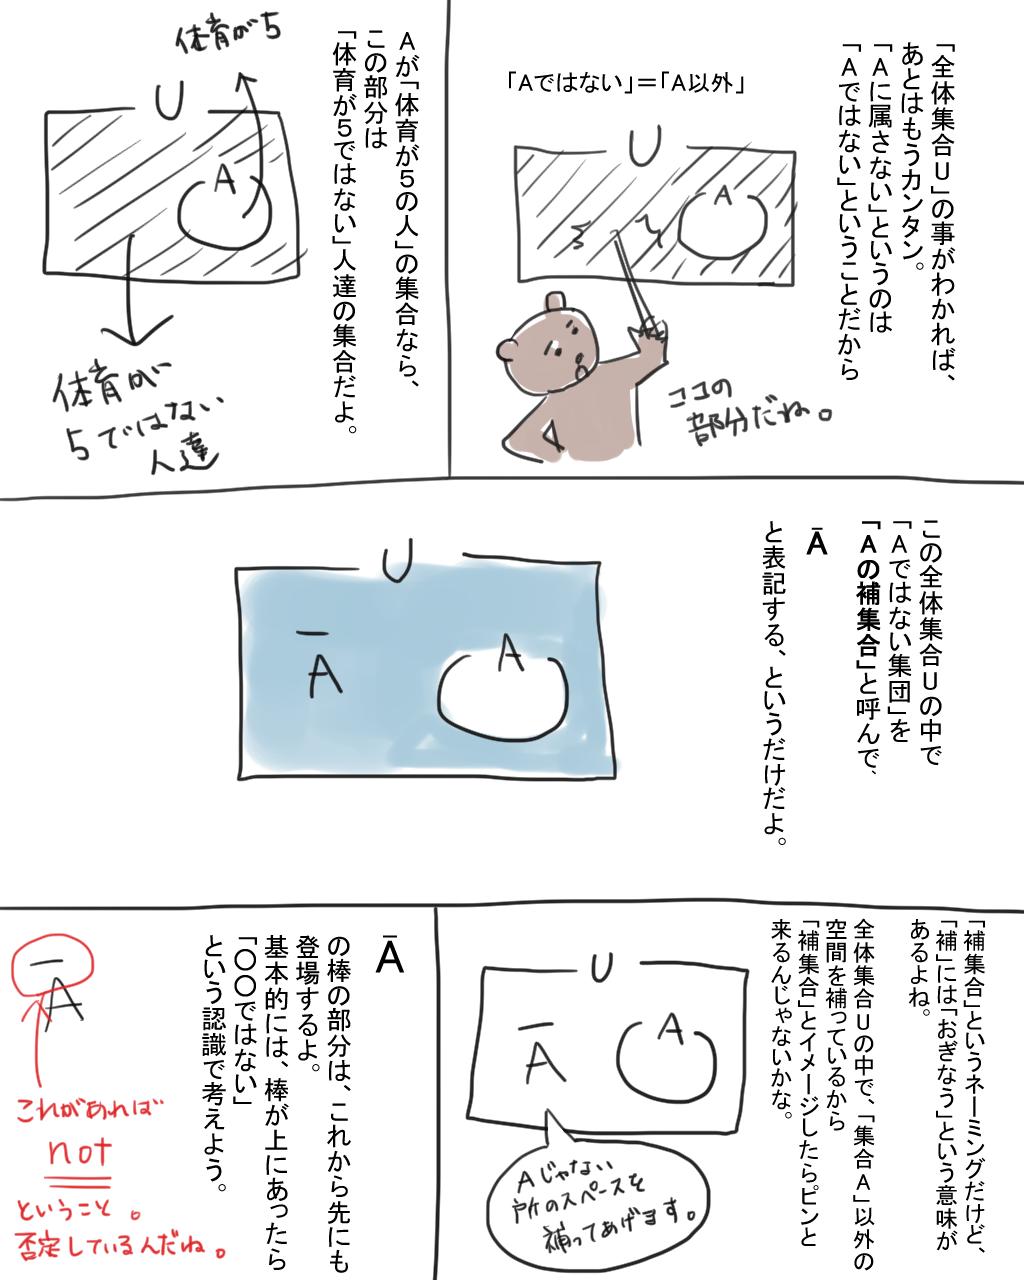 Aの補集合とはどんなことかを説明する漫画